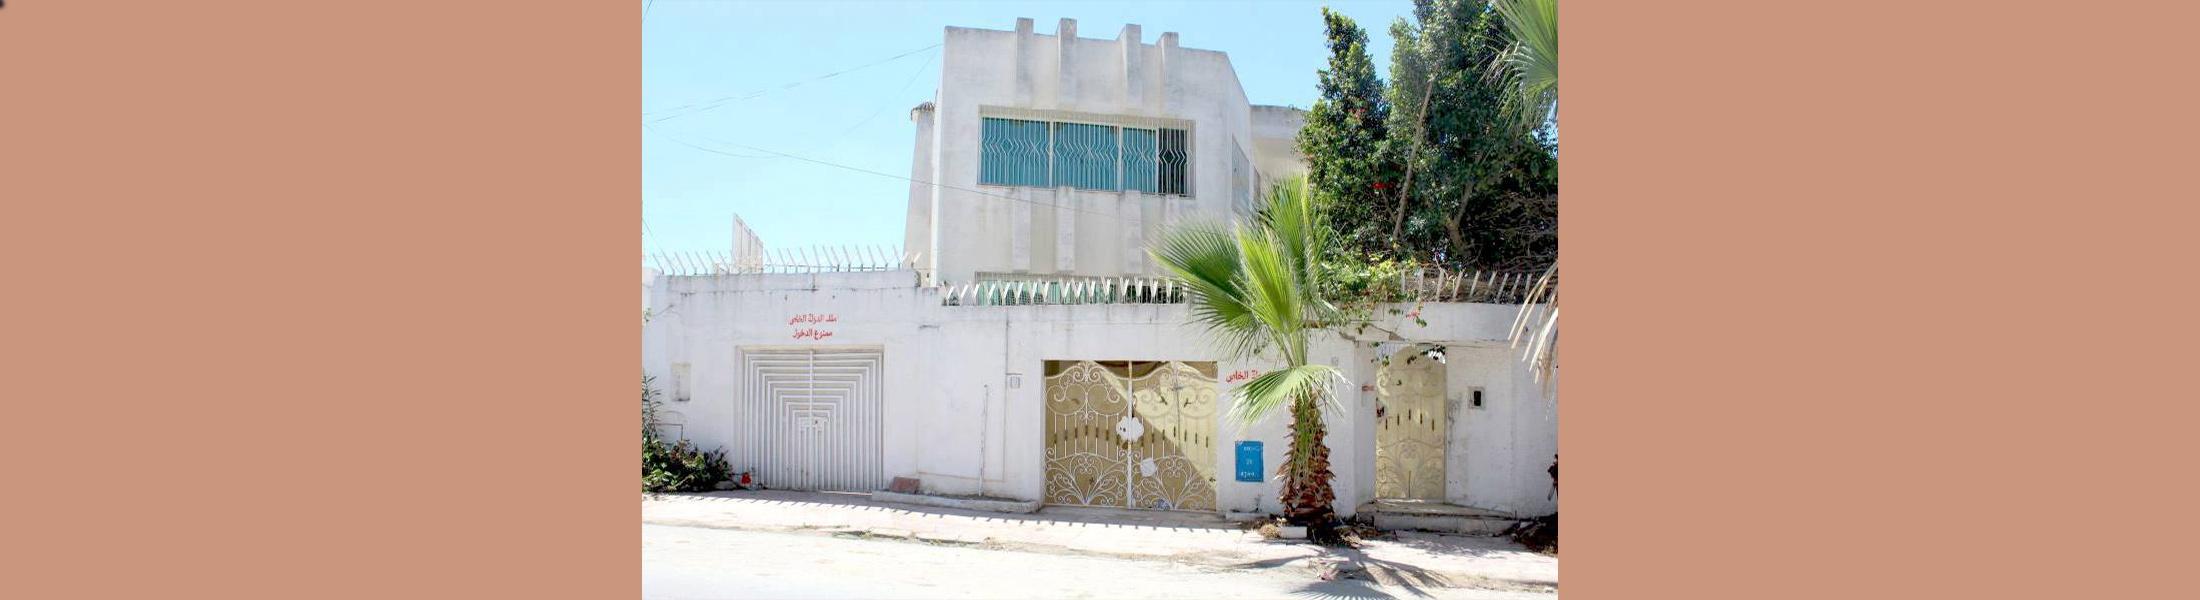 Villa El Manar 209 (AO 05/2020)